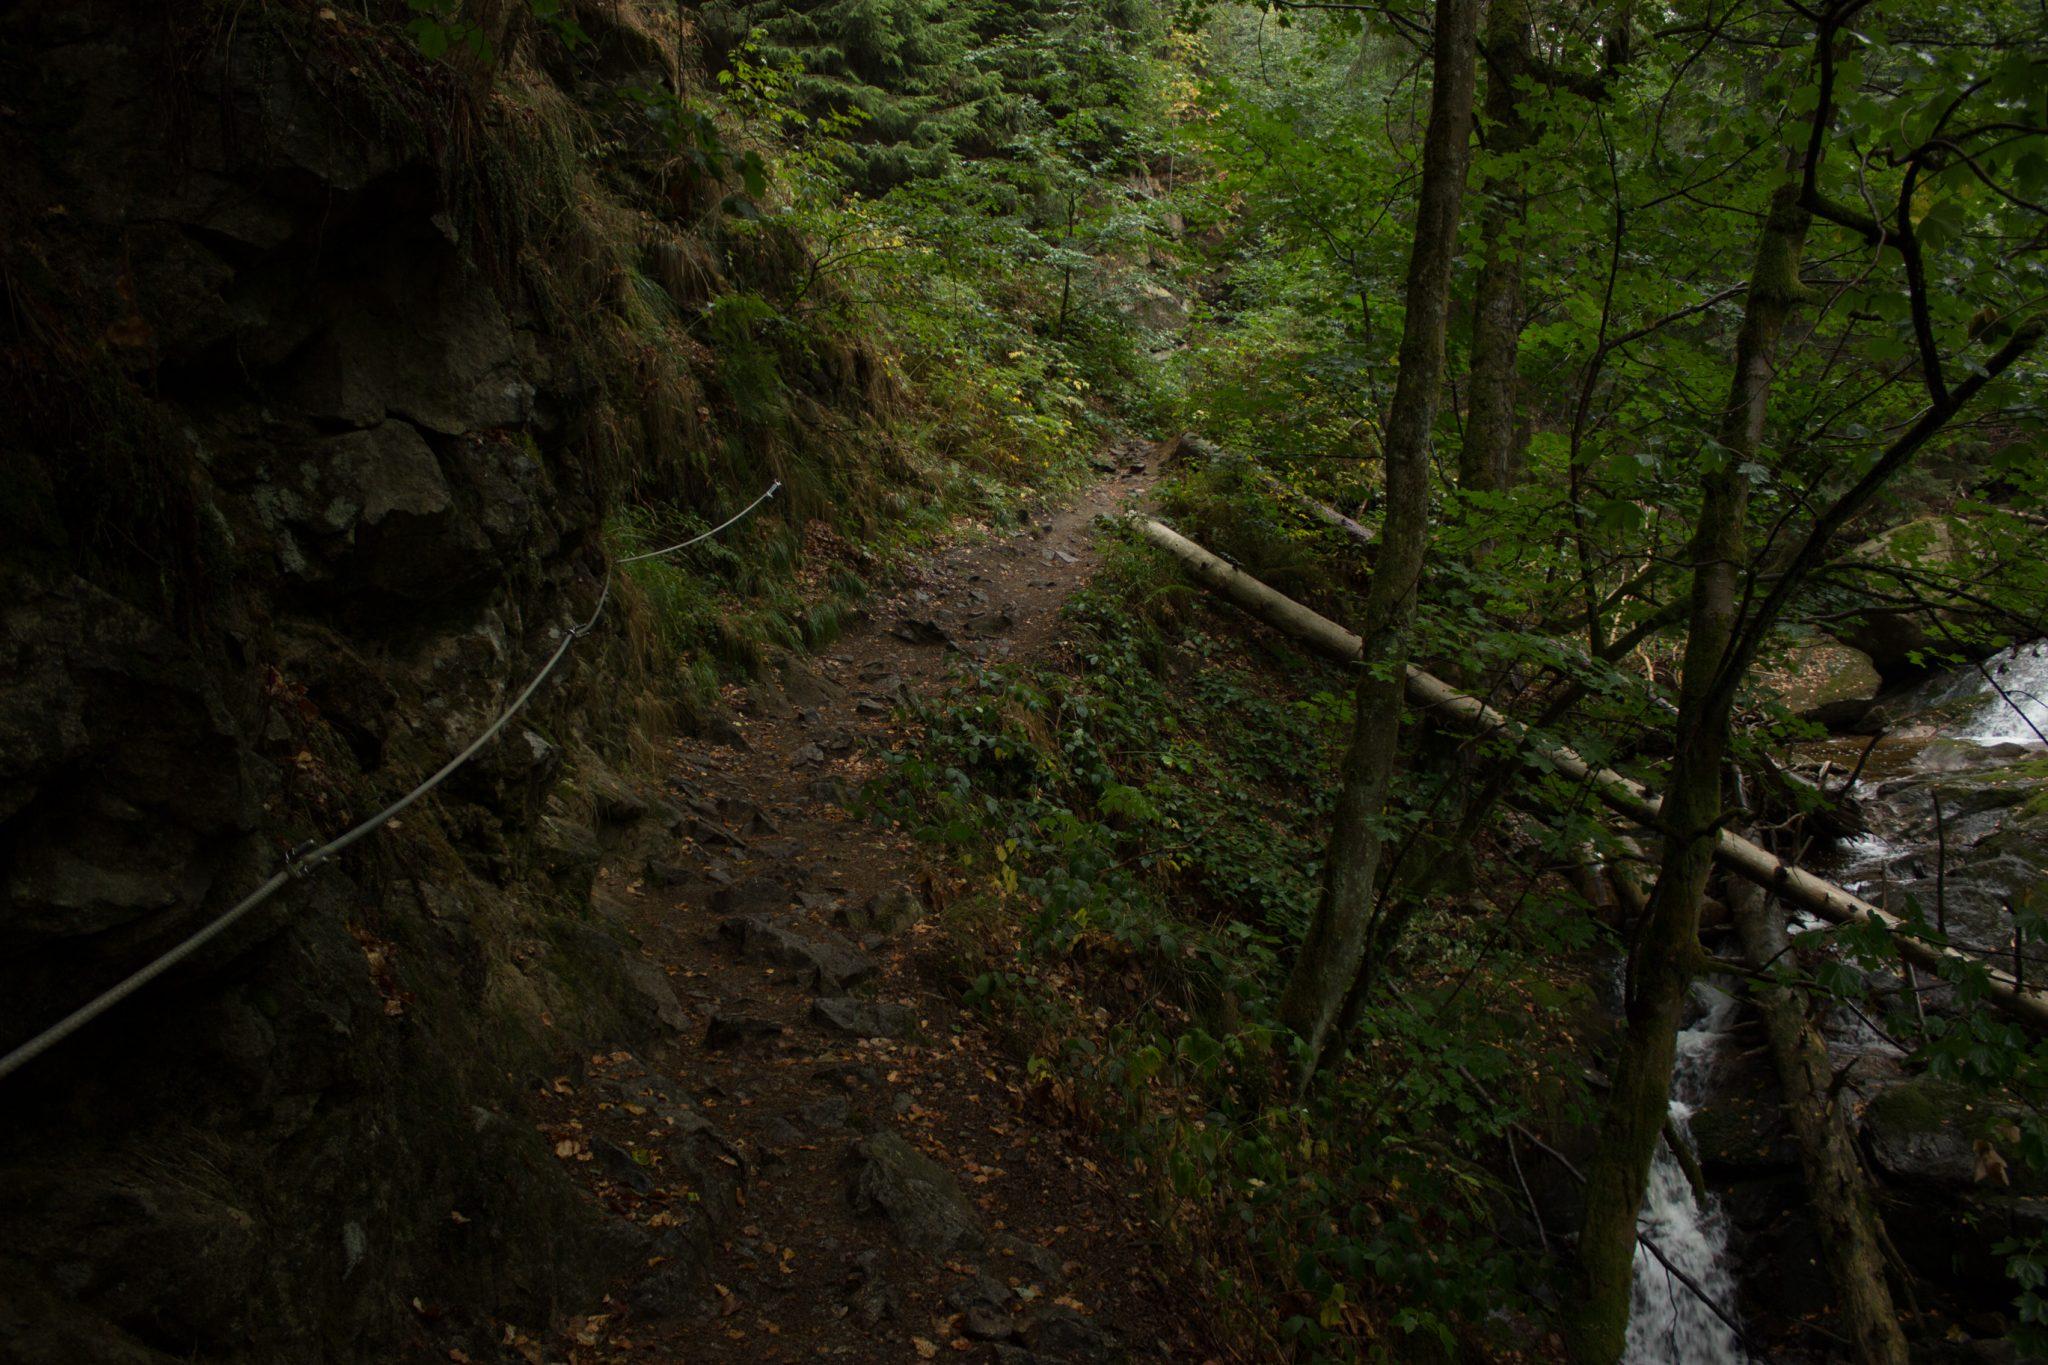 Wanderung Brocken über Heinrich-Heine-Weg, Start in Ilsenburg, Nationalpark Harz, schöner Wanderweg im Wald entlang des Fluß Ilse, atmosphärisch, herrliche frische Luft, viele Laubbäume, über Stock und Stein über schmalen Pfad